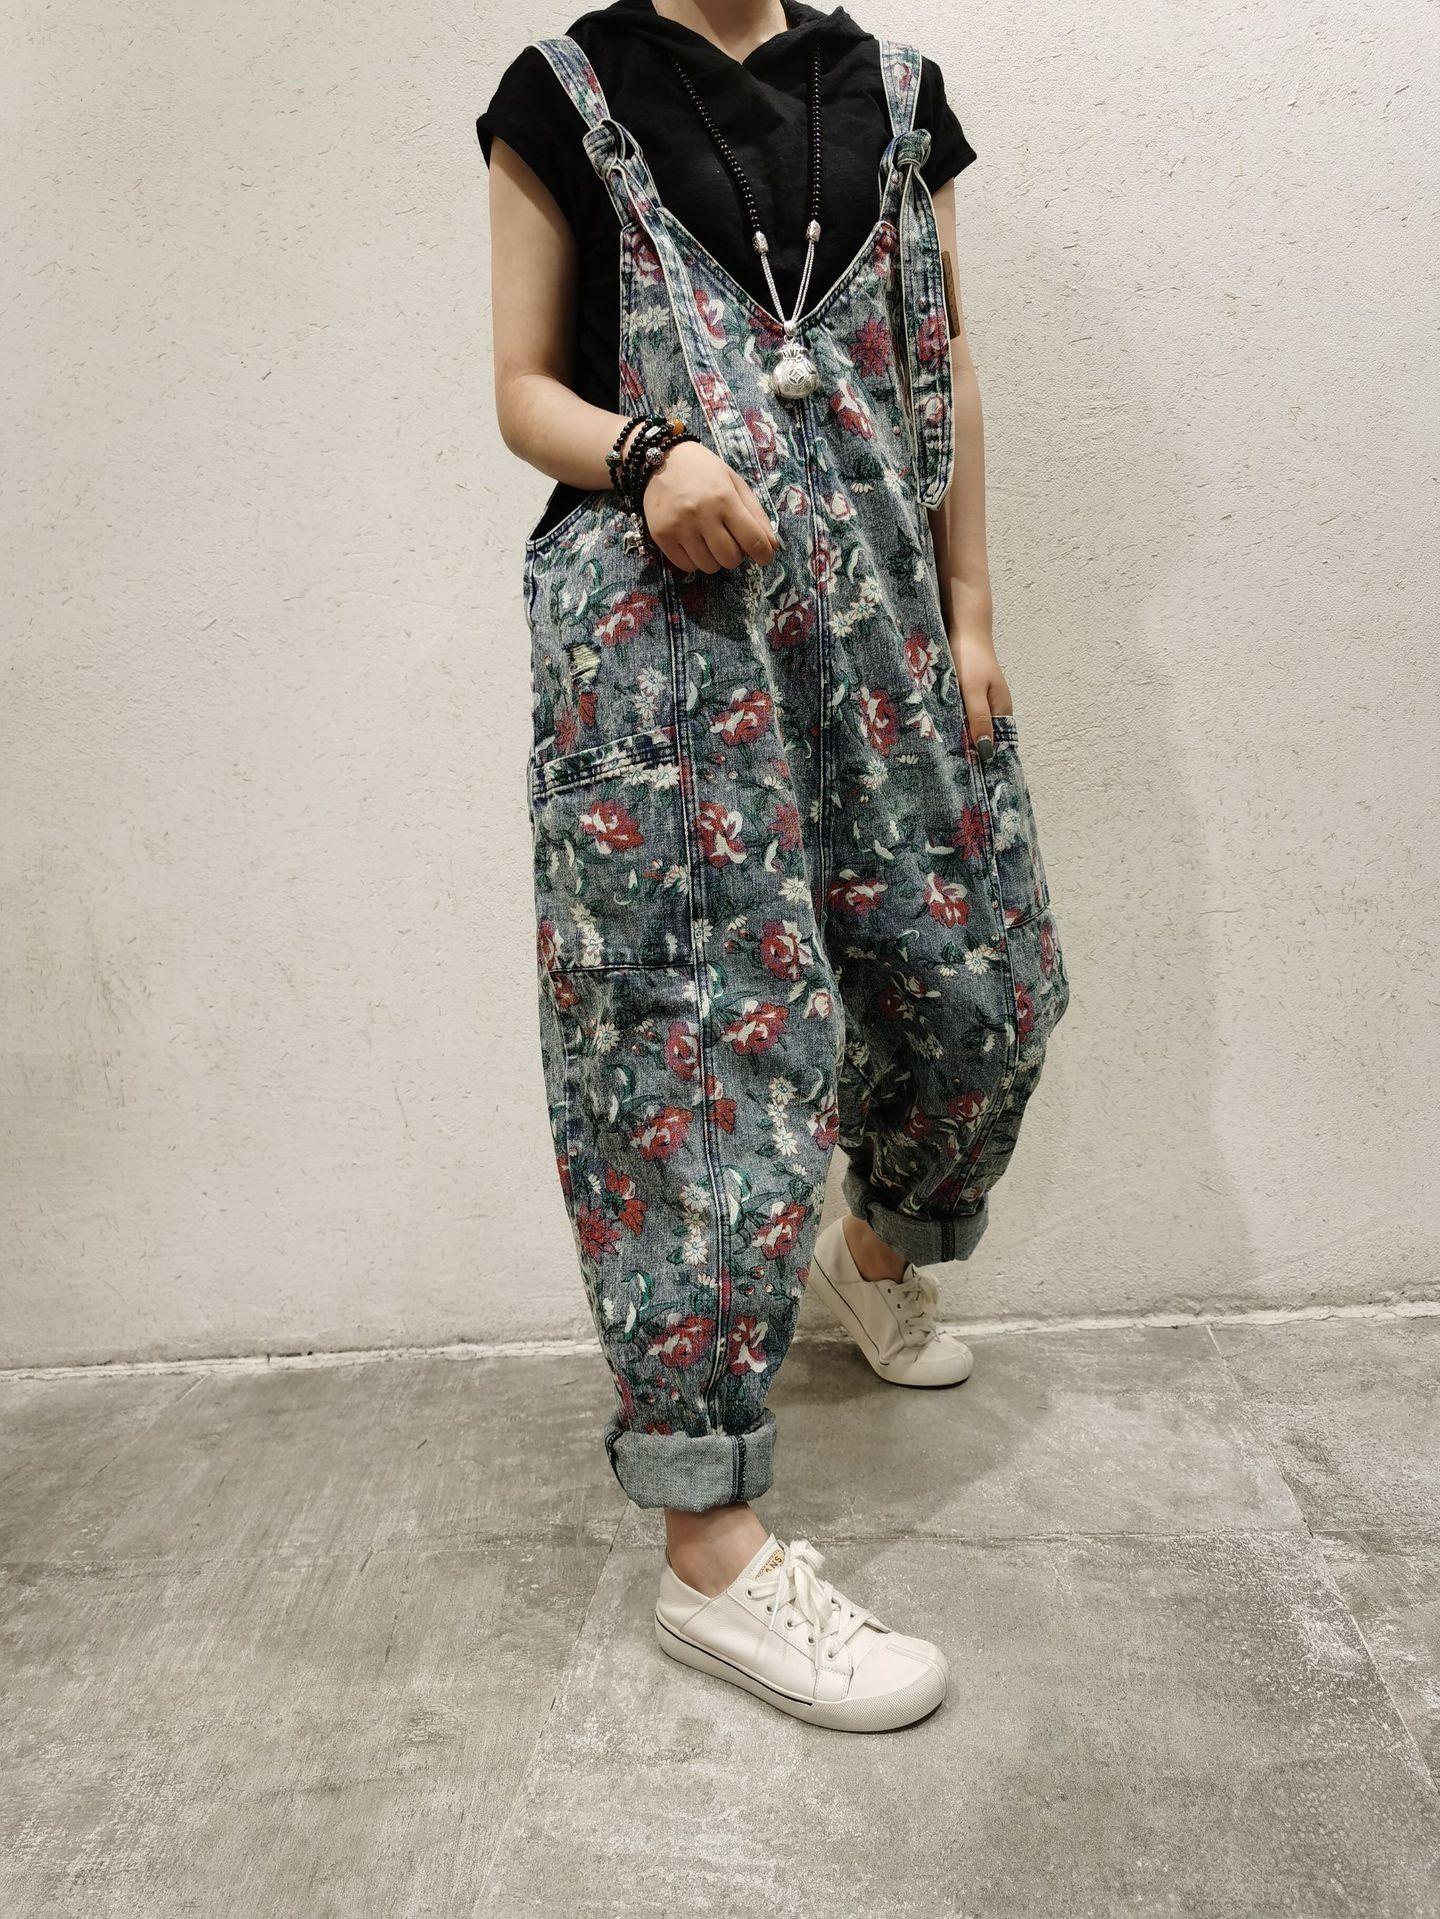 primavera yvkSY marzo nuovo grande formato denim bretella pantaloni stile coreano sciolto vecchia Sling slingprinted tuta all'età riducendo marzo nuova primavera lar